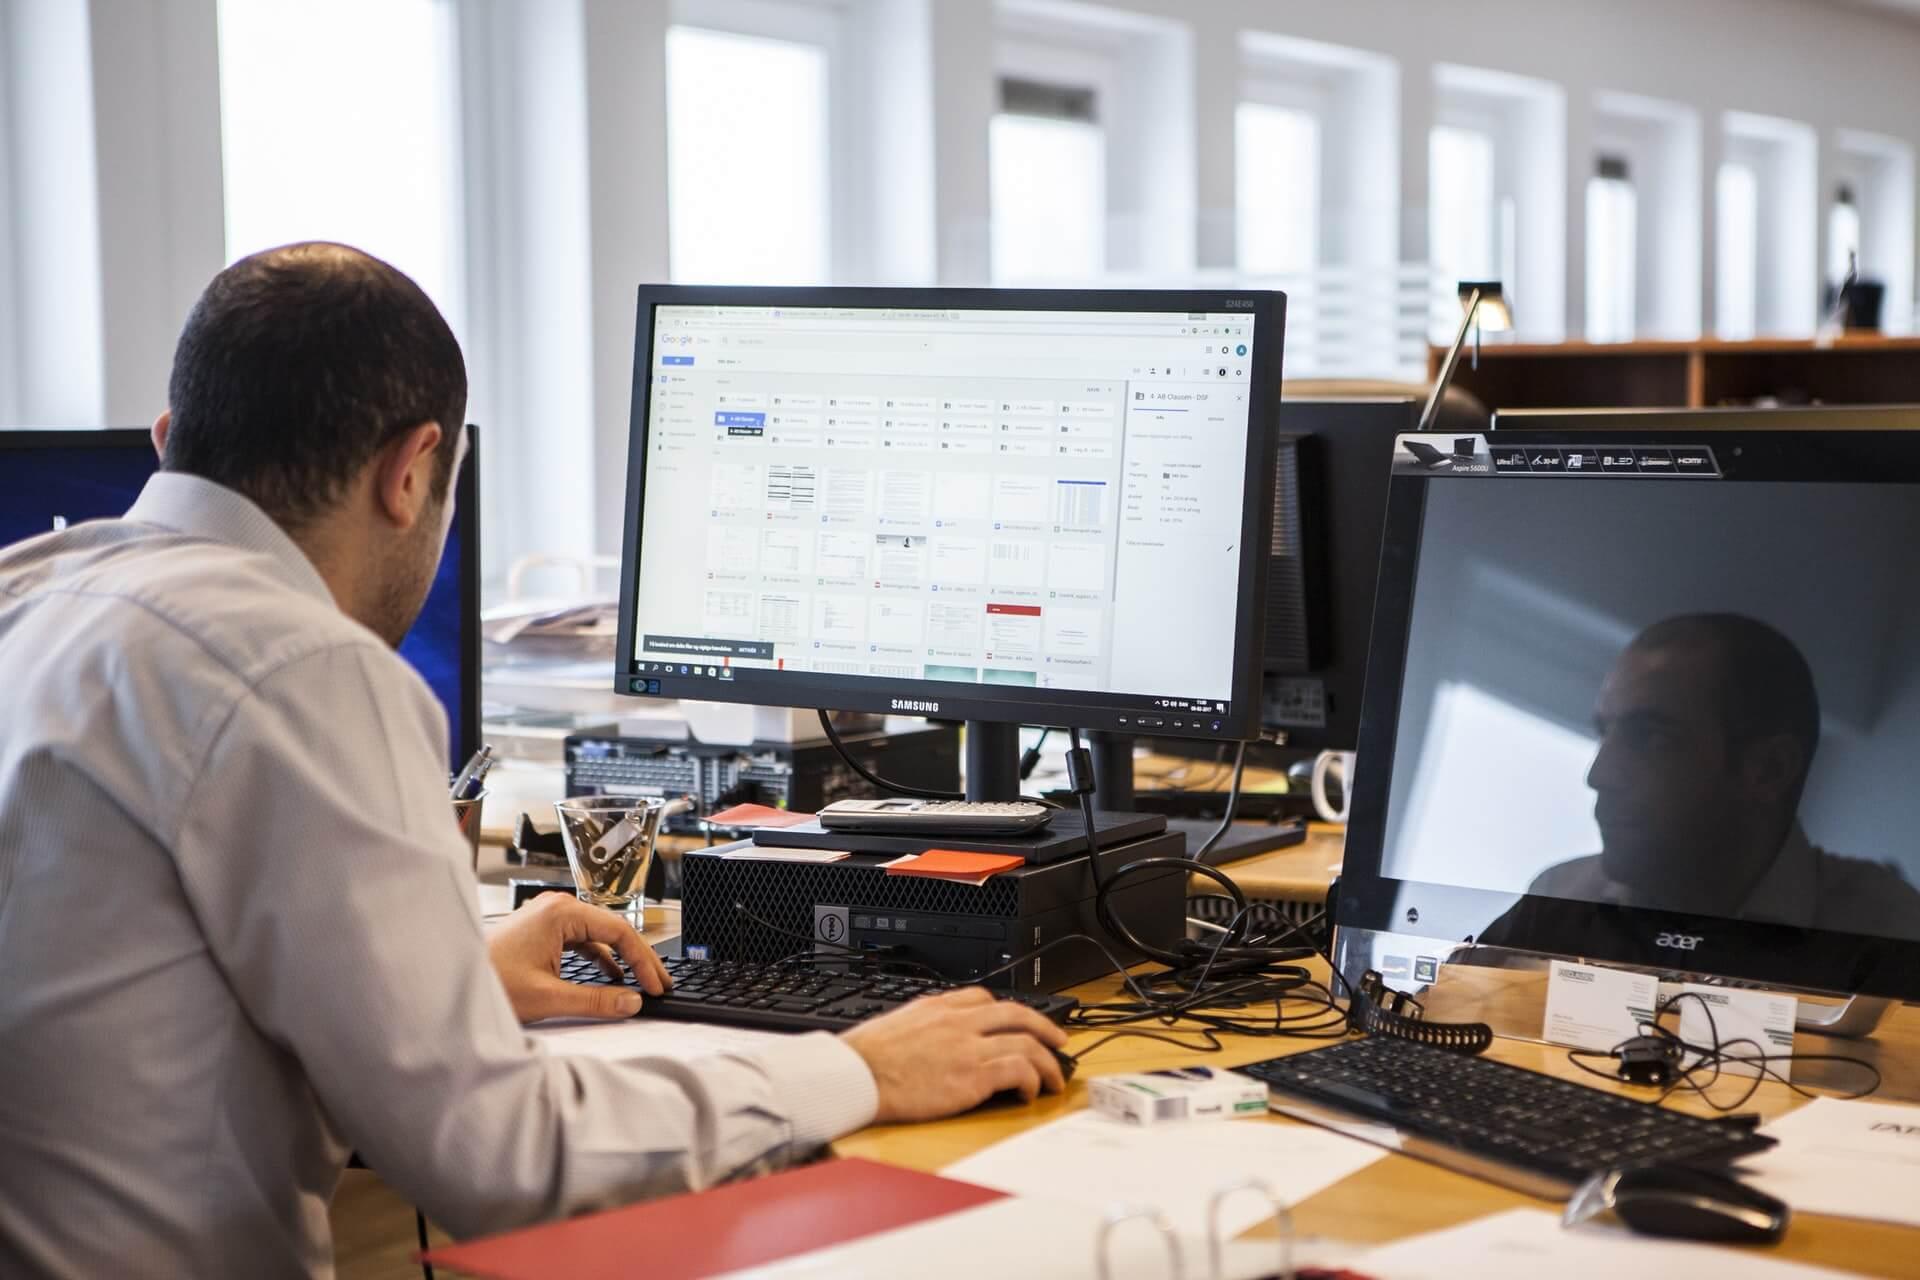 Treinar colaboradores da concessionária com frequência é a melhor maneira de aumentar a performance e os resultados. Veja como a internet pode ajudar nisso!